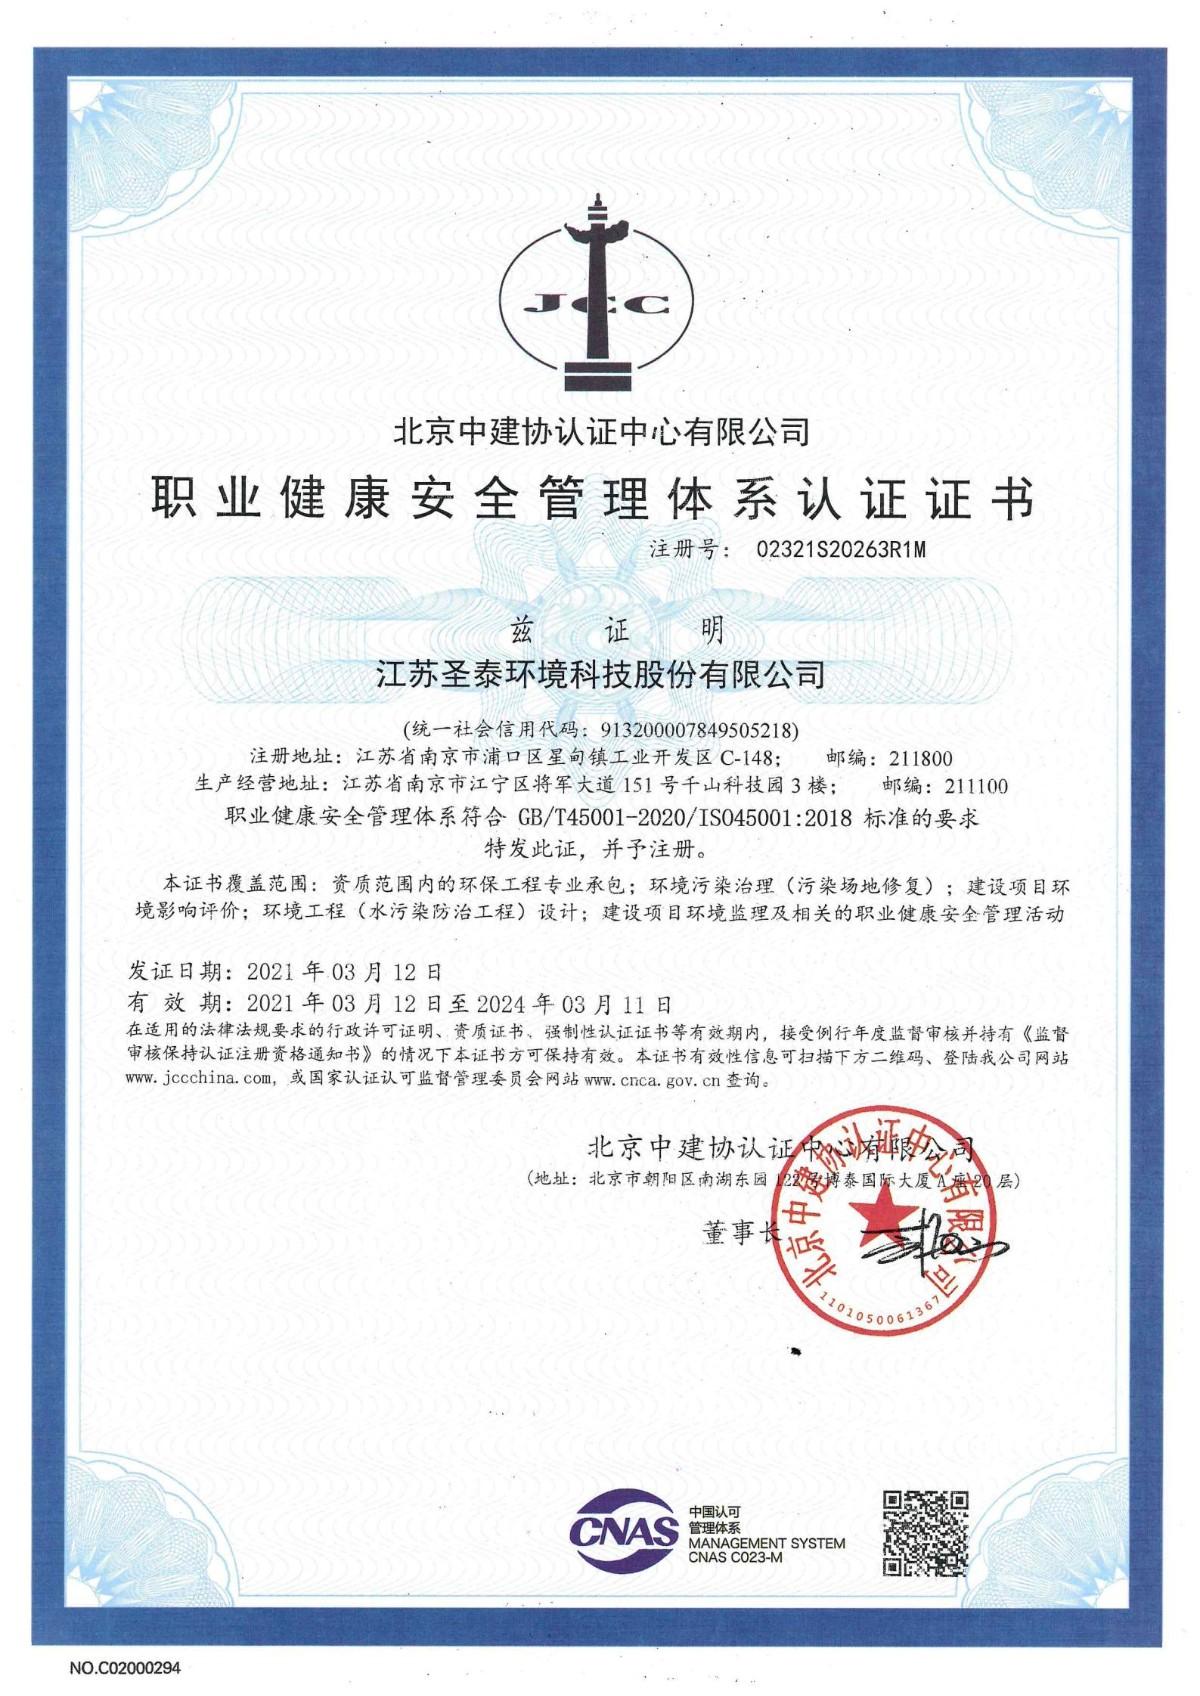 职业健康管理证书正本-中文(2021.3.12—2024.3.11)_00.jpg